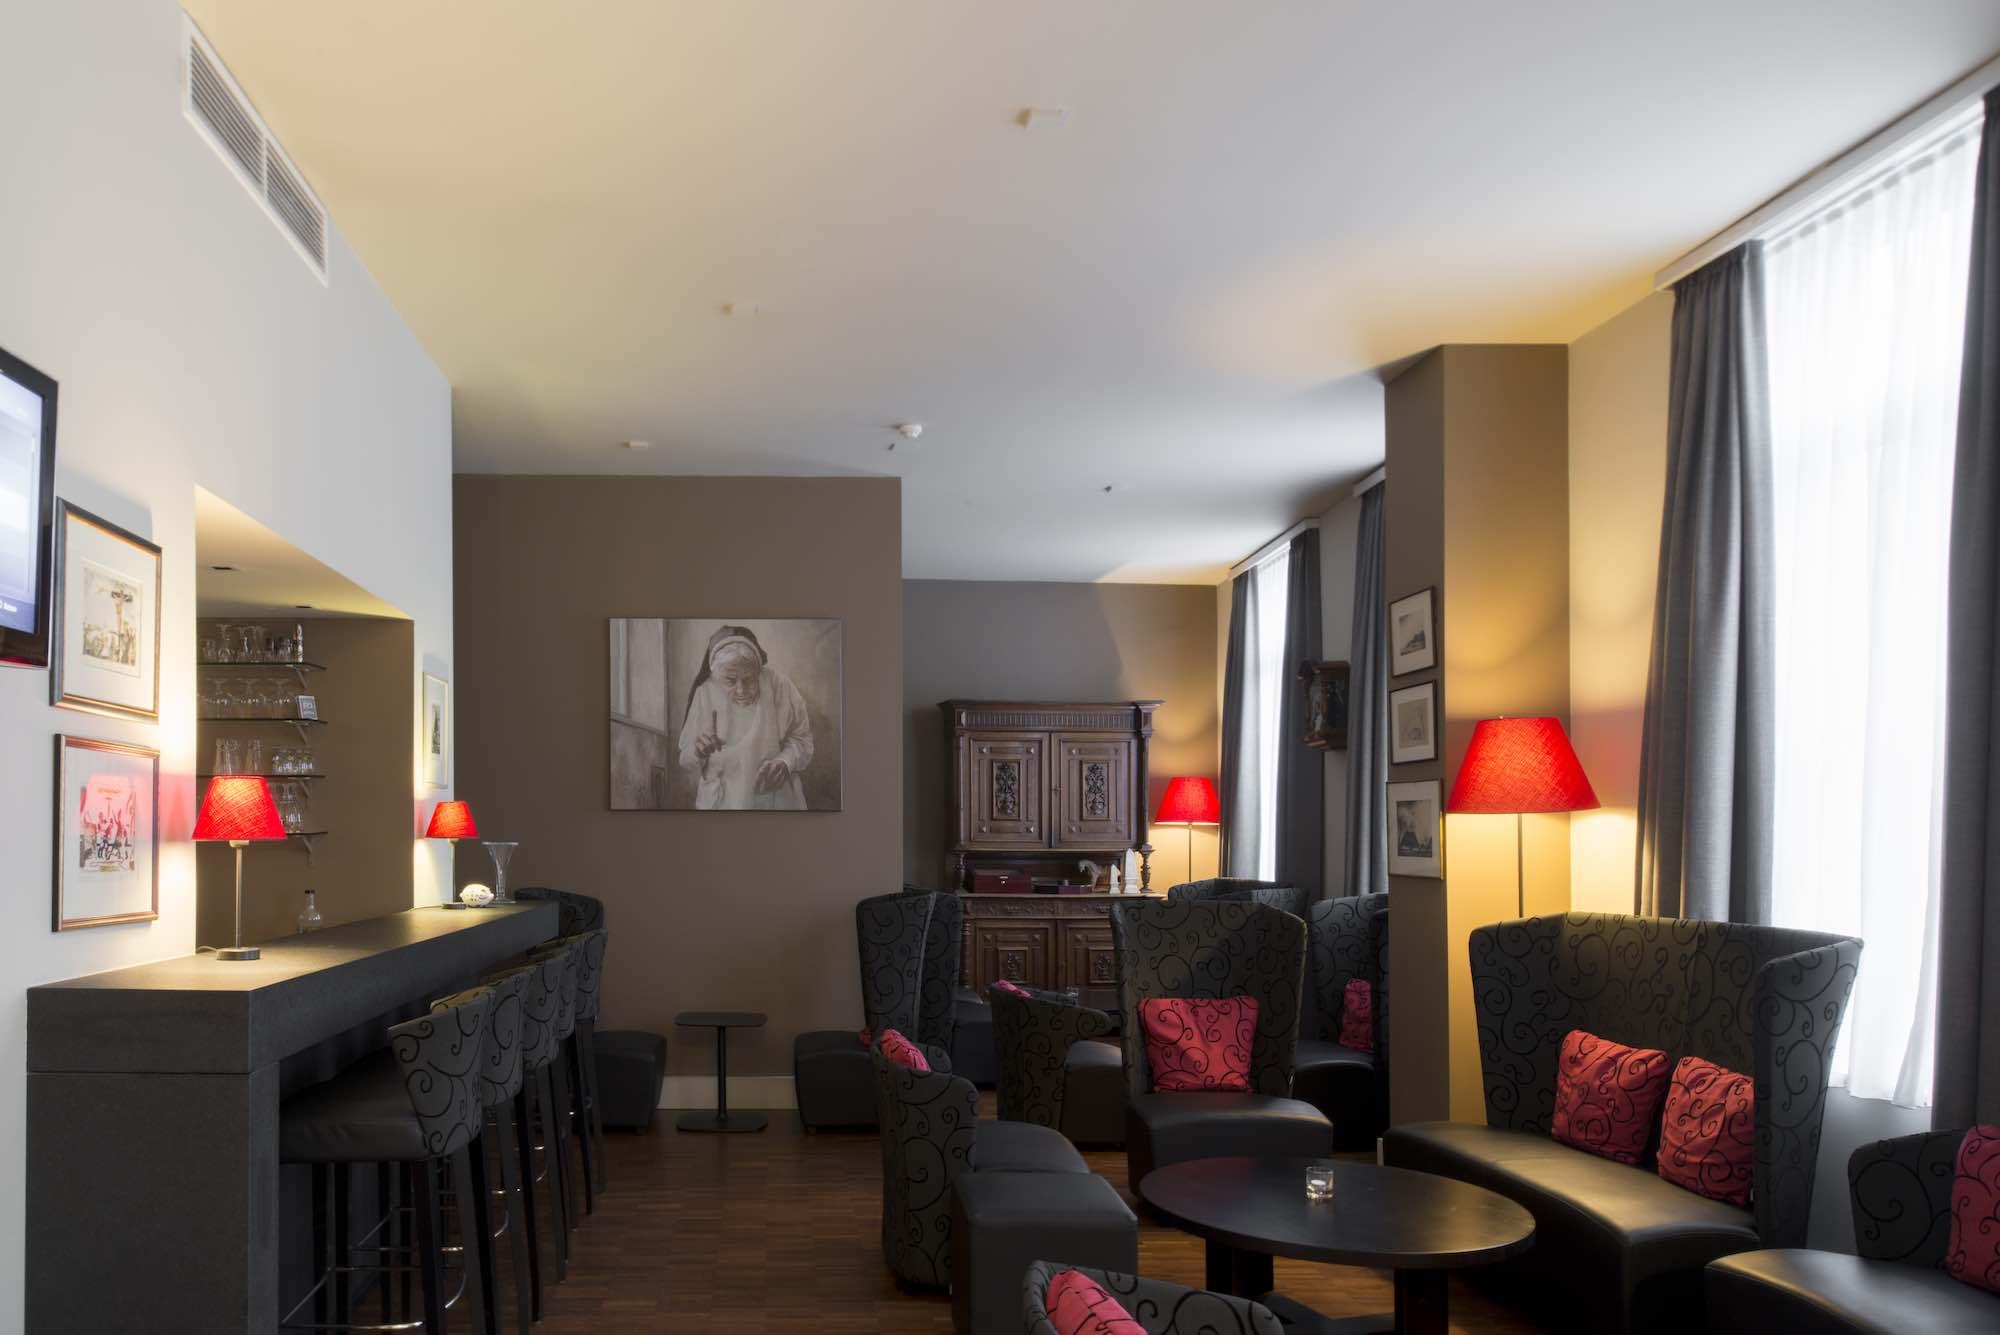 Hotel Karmelbar0